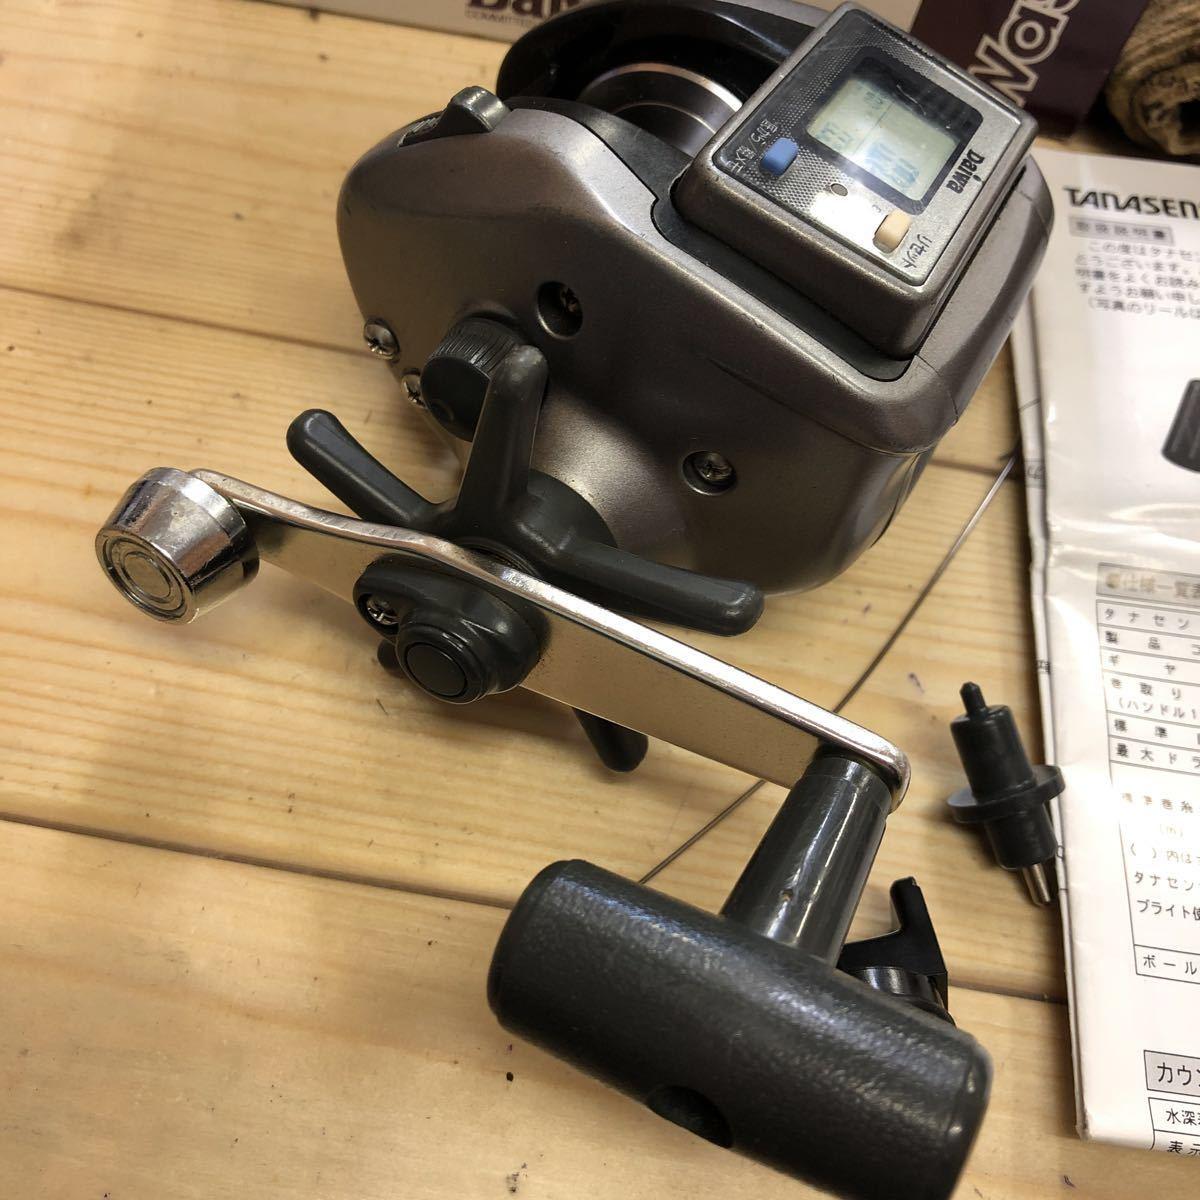 ダイワ タナセンサー S 250DX 早技_画像3